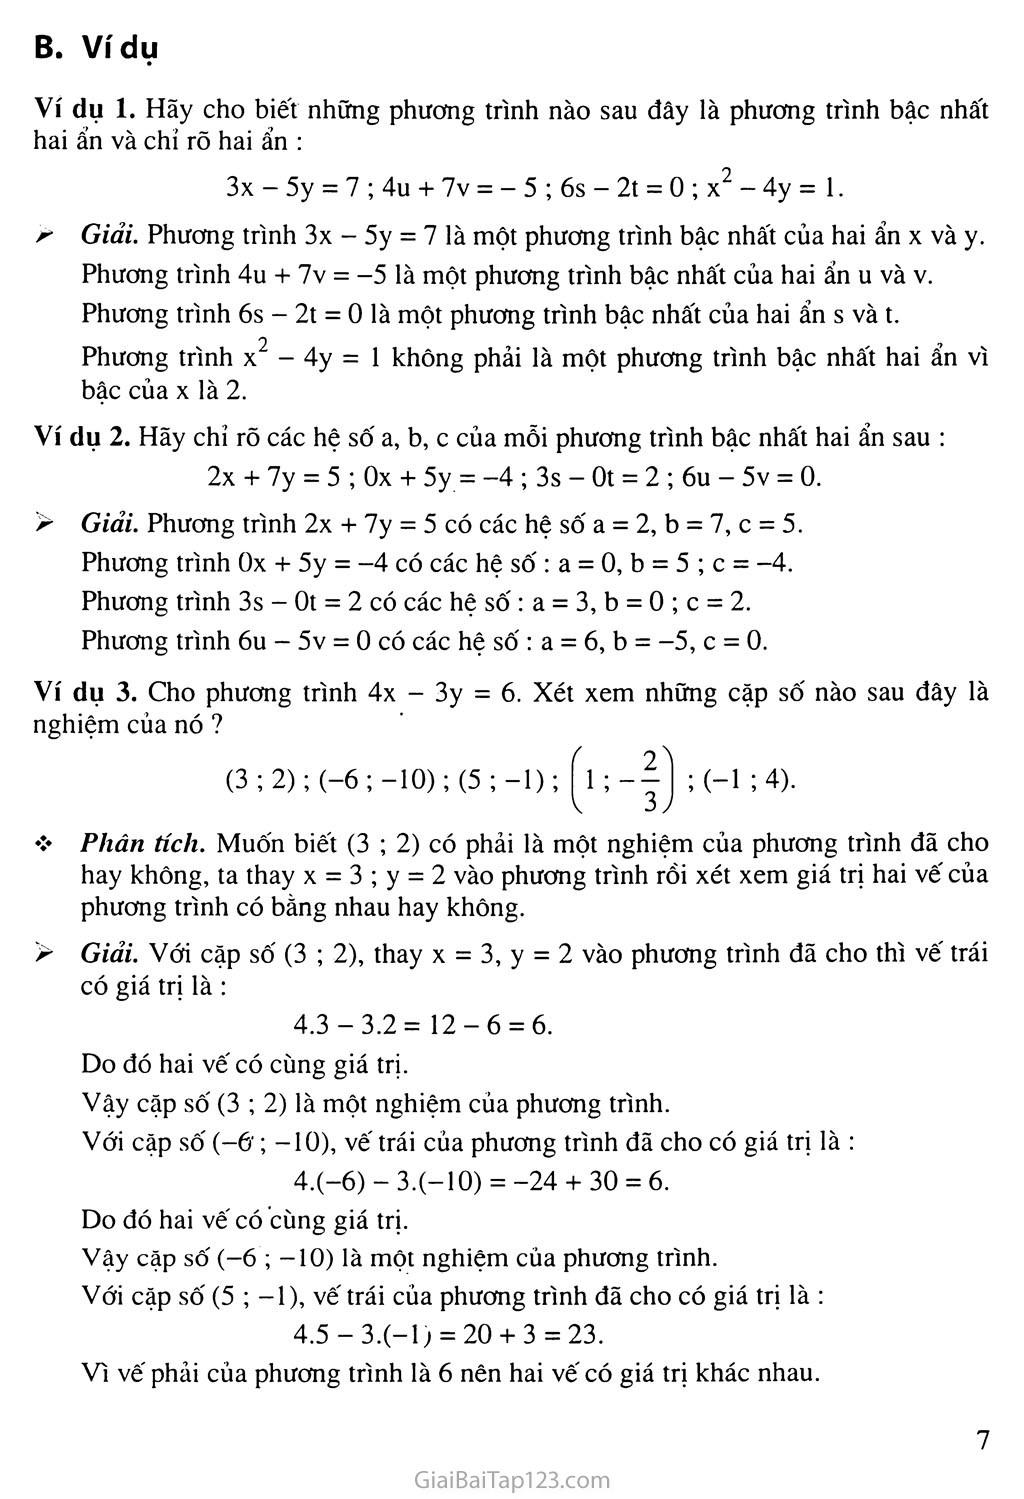 Bài 1. Phương trình bậc nhất hai ẩn trang 3